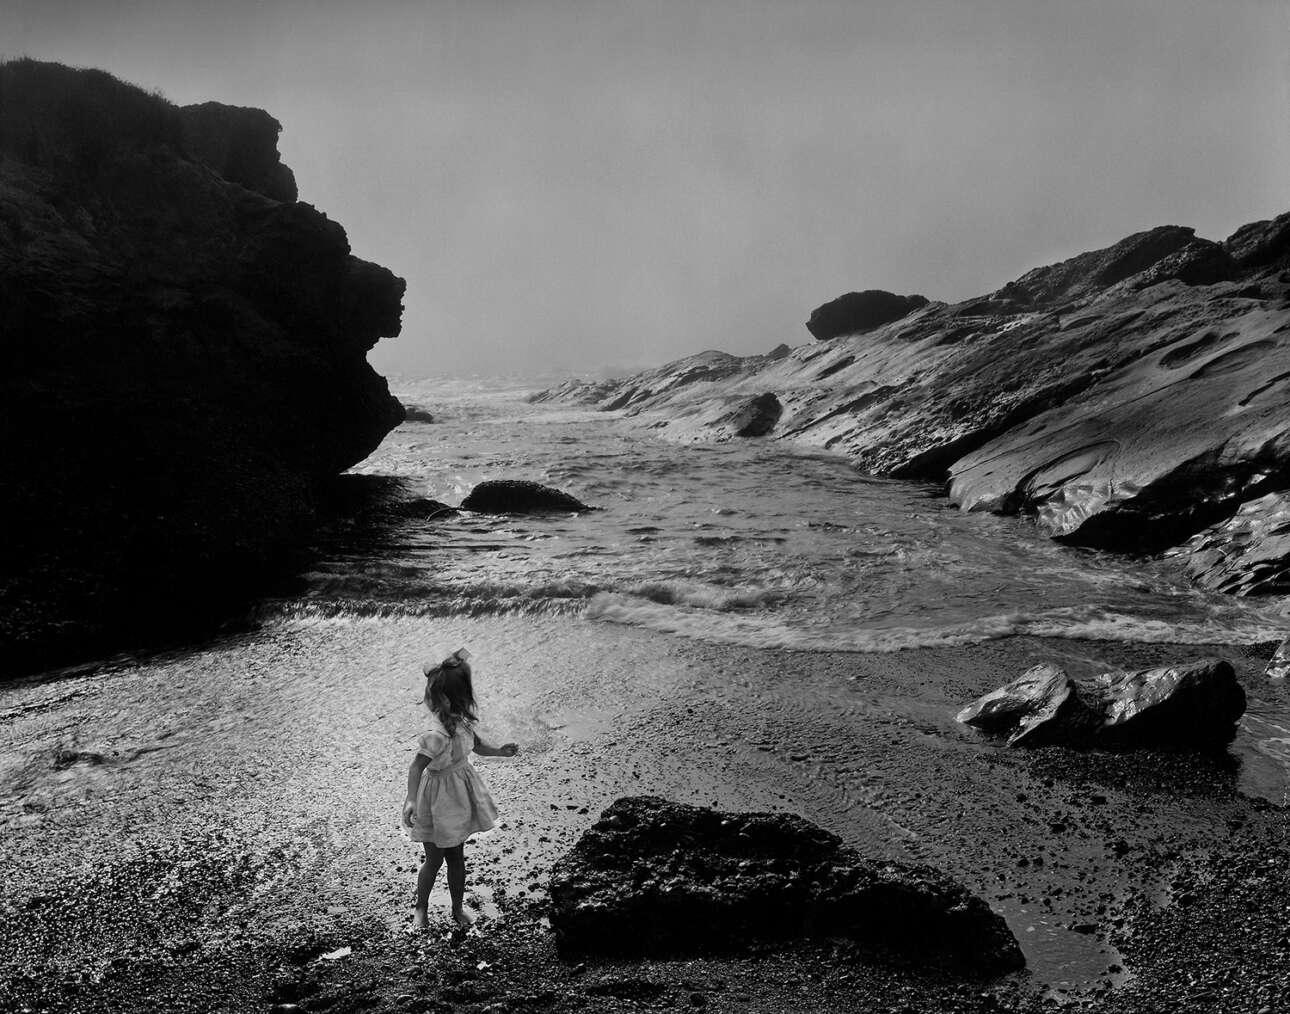 Η κόρη του φωτογράφου, Λιν, στον προστατευόμενο βιότοπο Πόιντ Λόμπος, το 1956